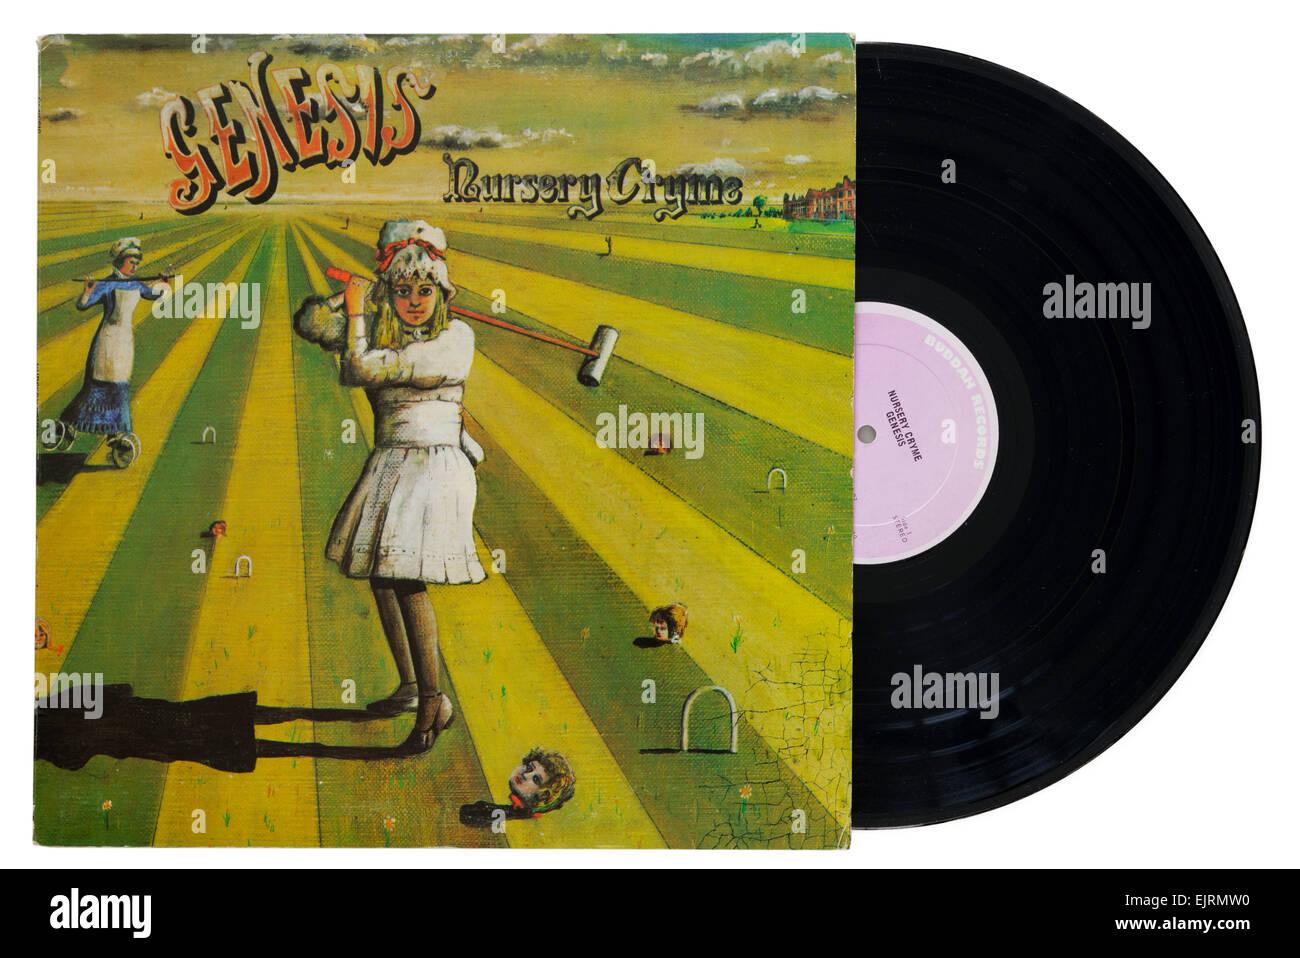 Genesis Nursery Cryme album - Stock Image